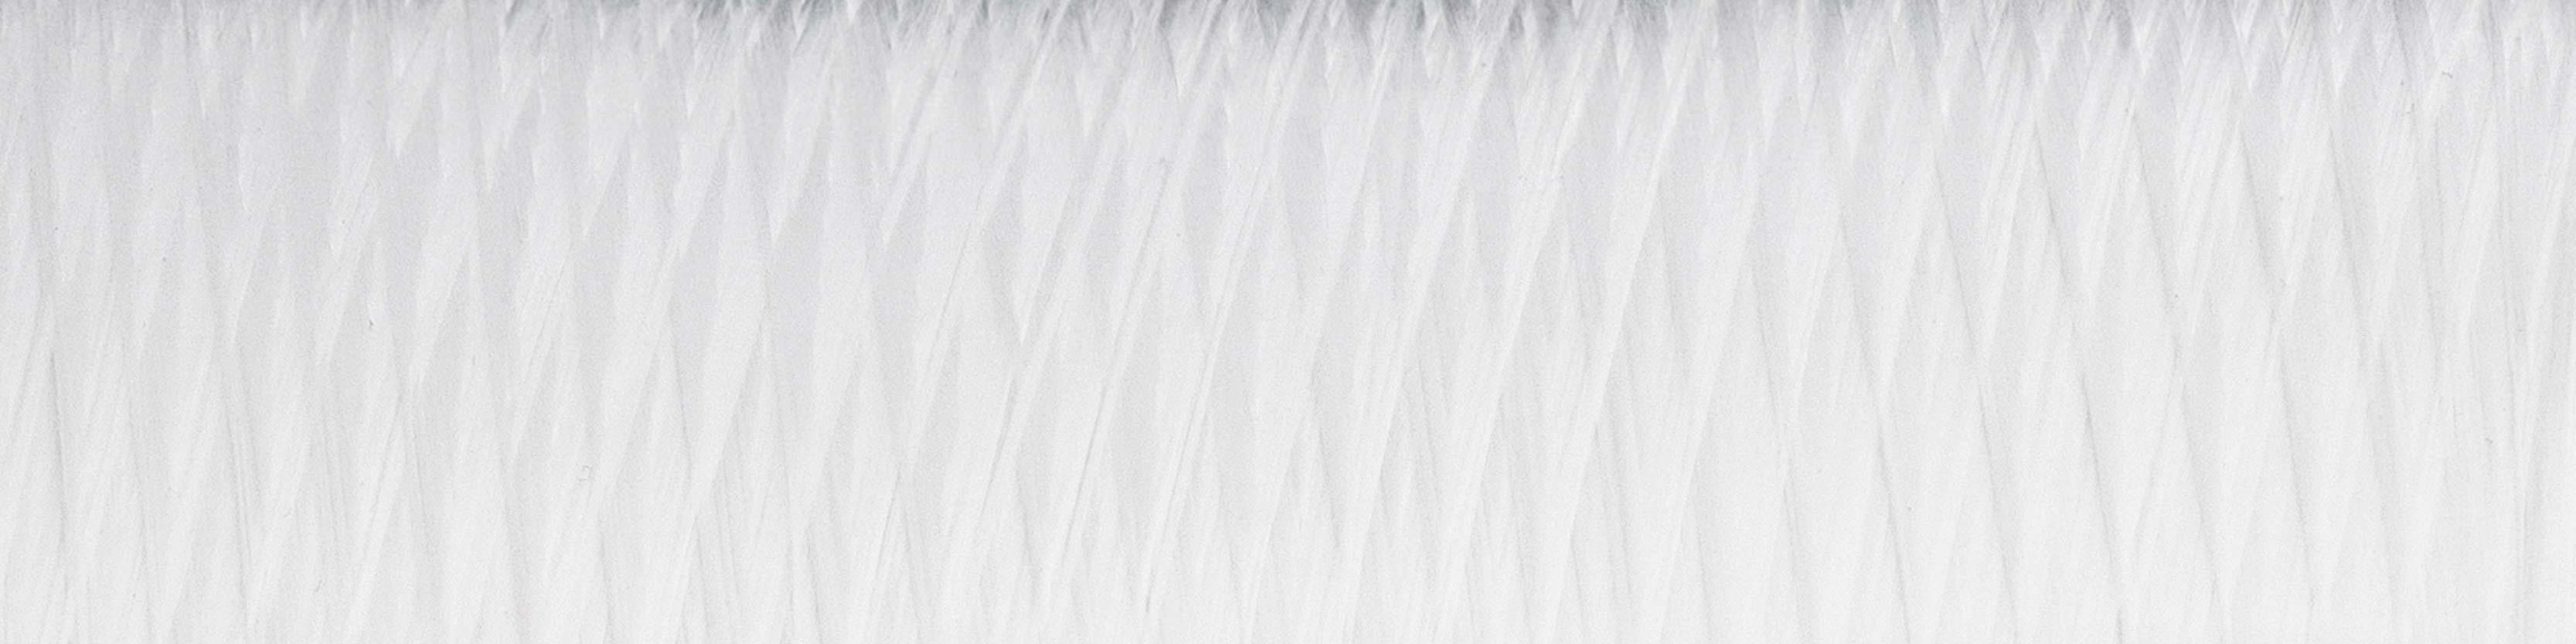 BRILEN Hilos de Poliéster Industrial GLE Gran Tenacidad Alto Módulo PES